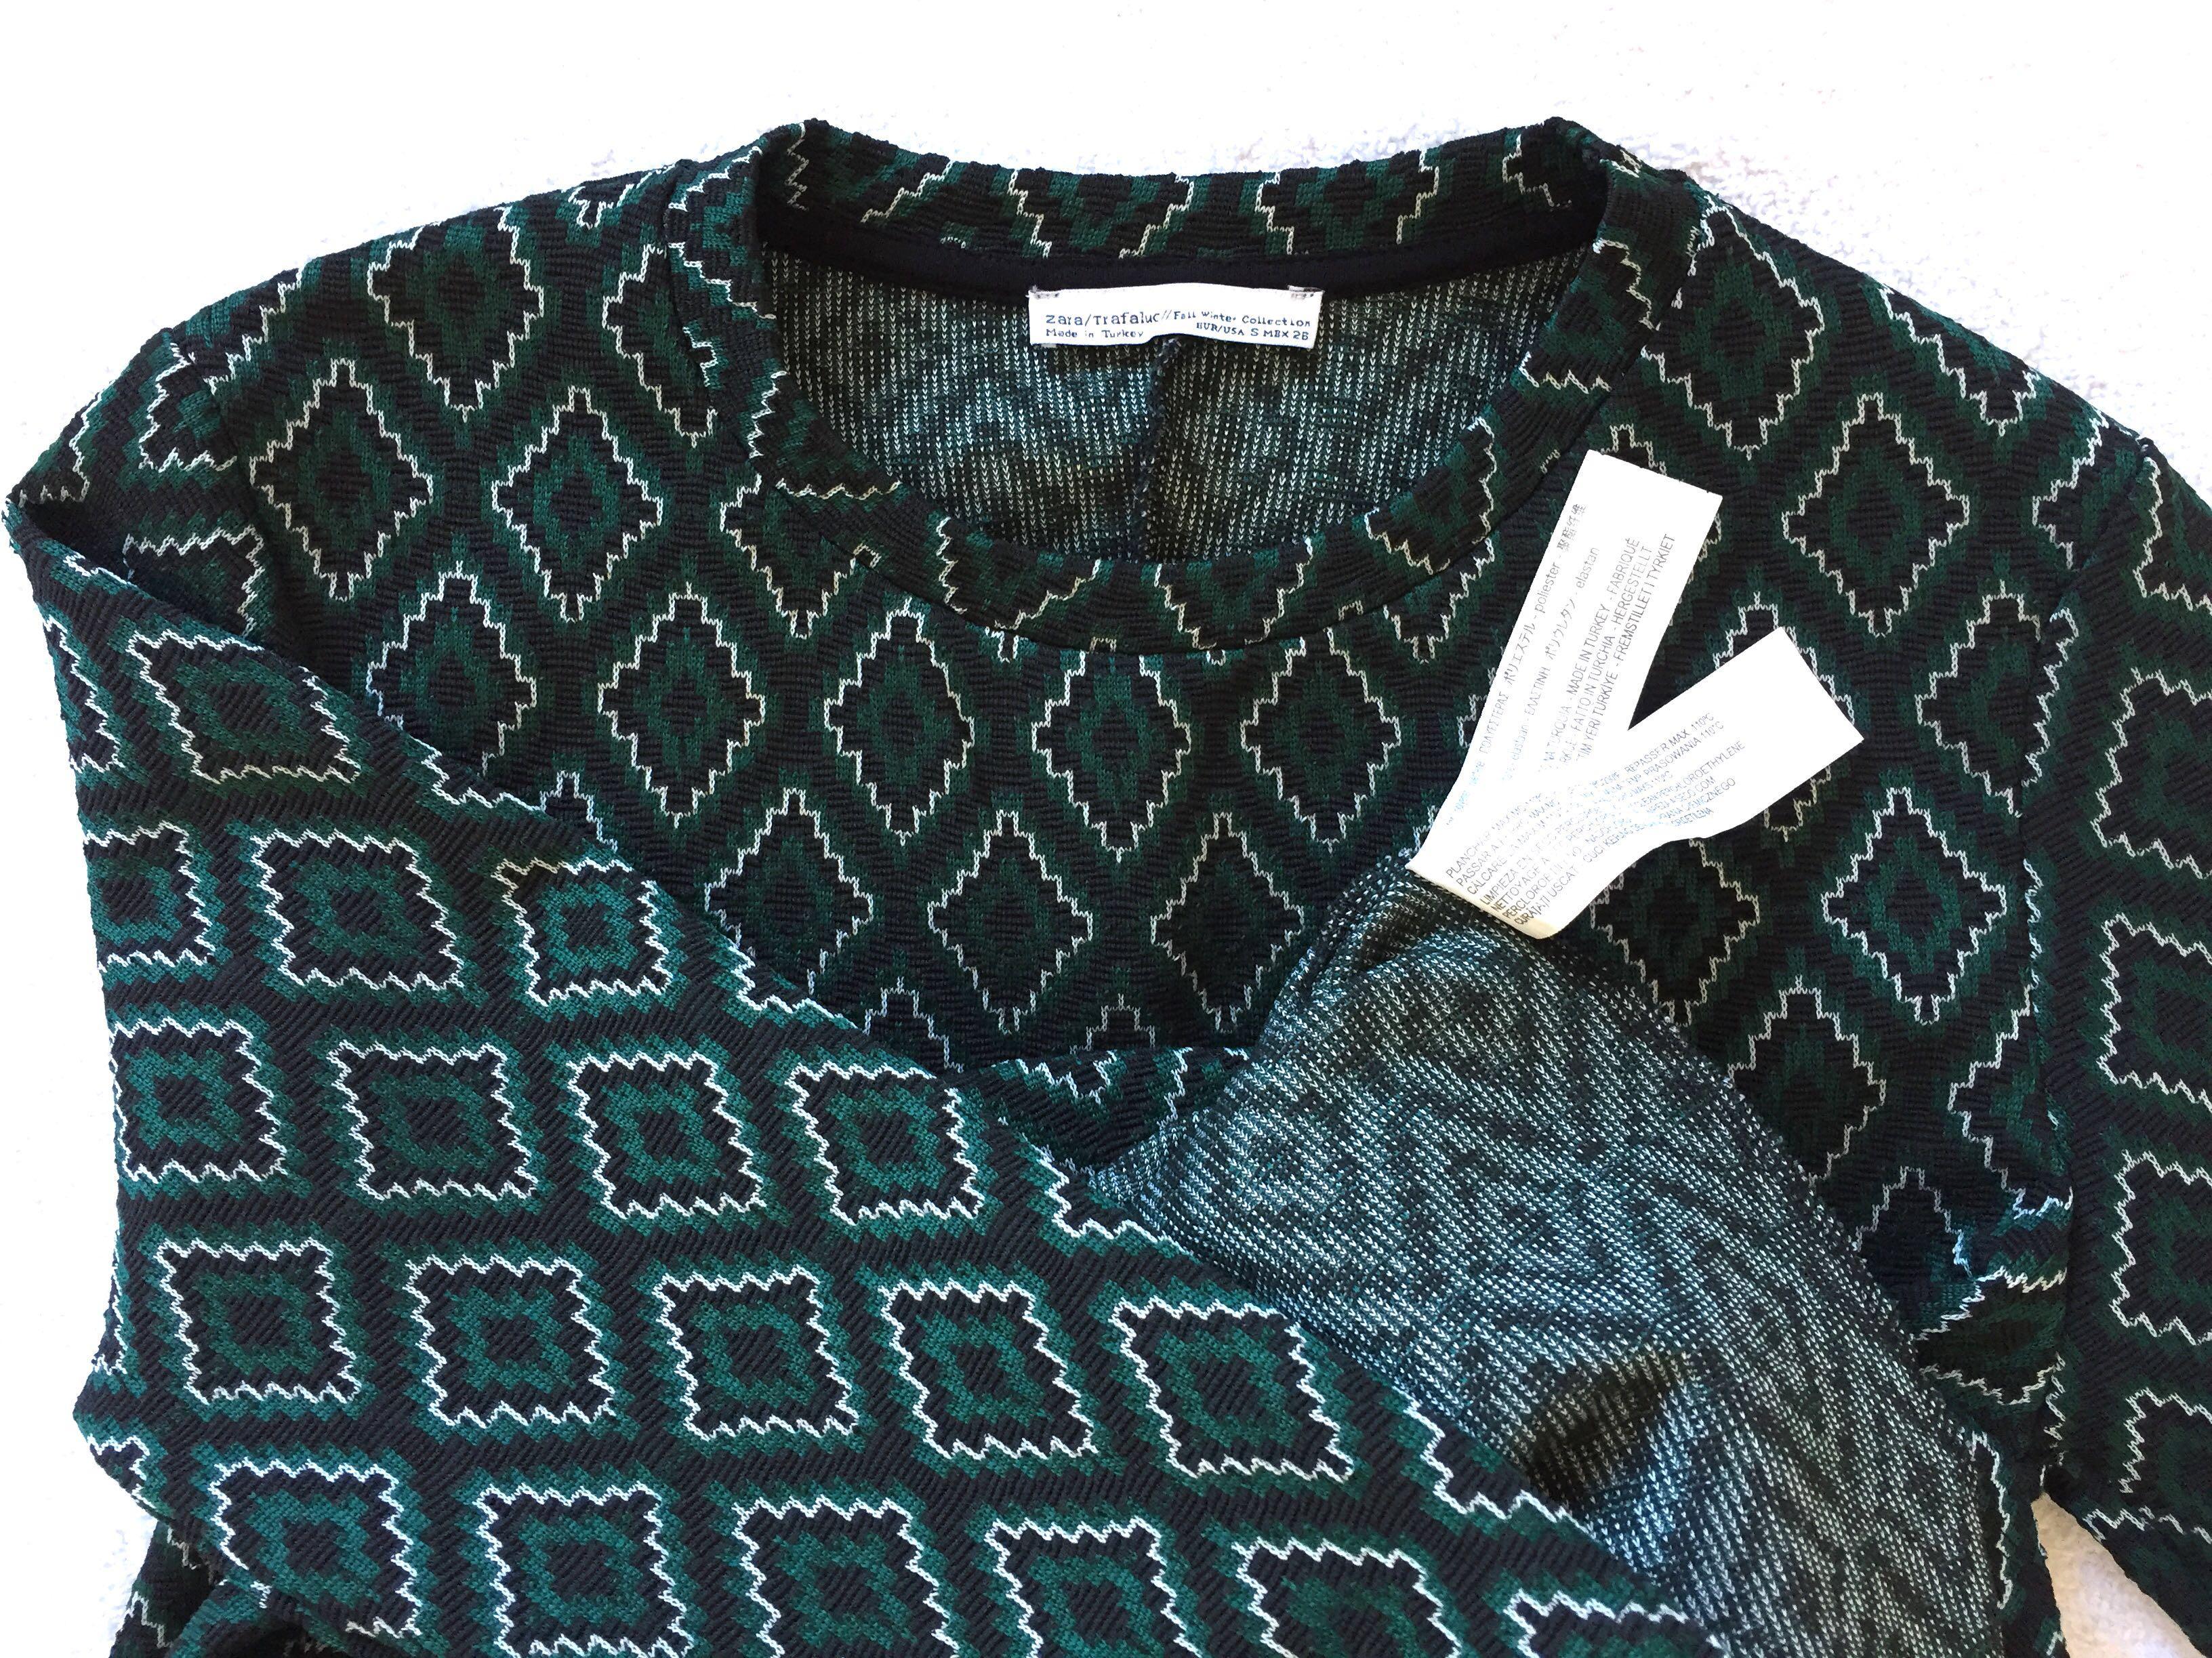 d725dc79 💯 Authentic Zara TrafaLuc Dress, Women's Fashion, Clothes, Dresses ...